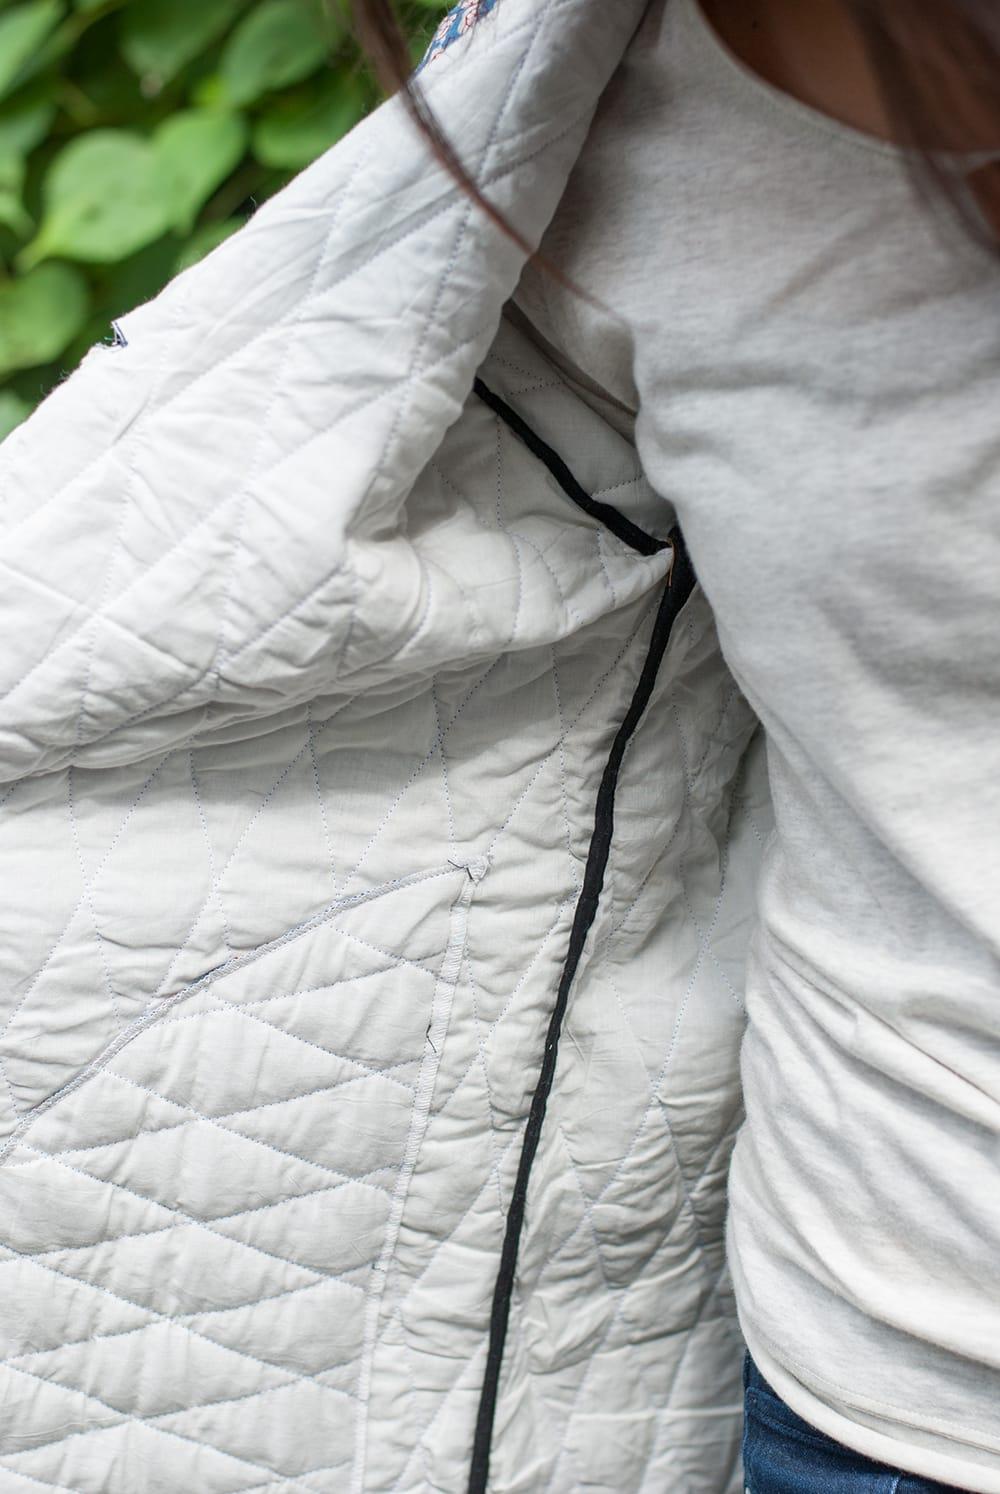 インディゴ染布のキルティングコート 7 - 裏地をみてみました。やや薄手のコートですが綿が詰めてあるので秋口に嬉しい暖かさです。